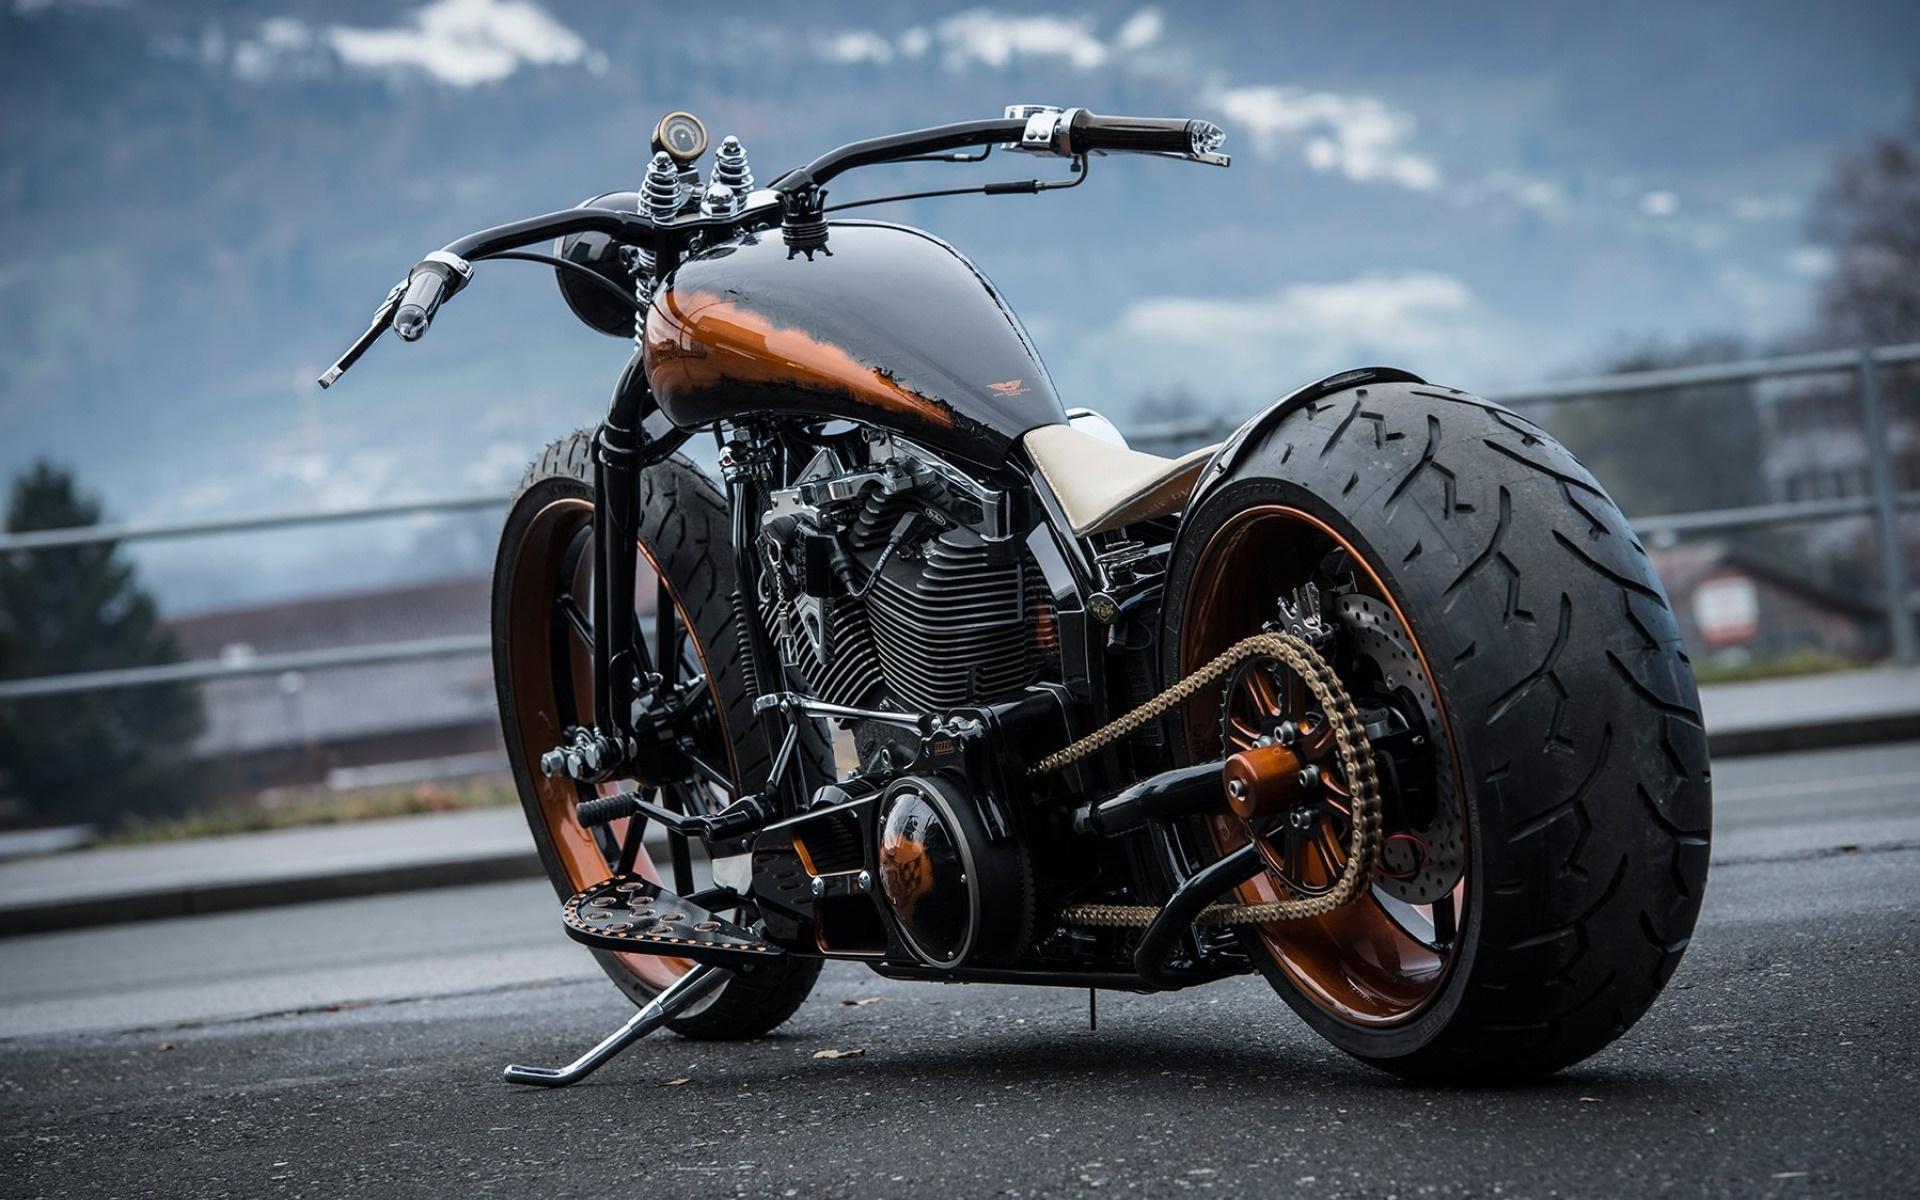 подходит красивые мотоциклы чопперы фото понравилось то